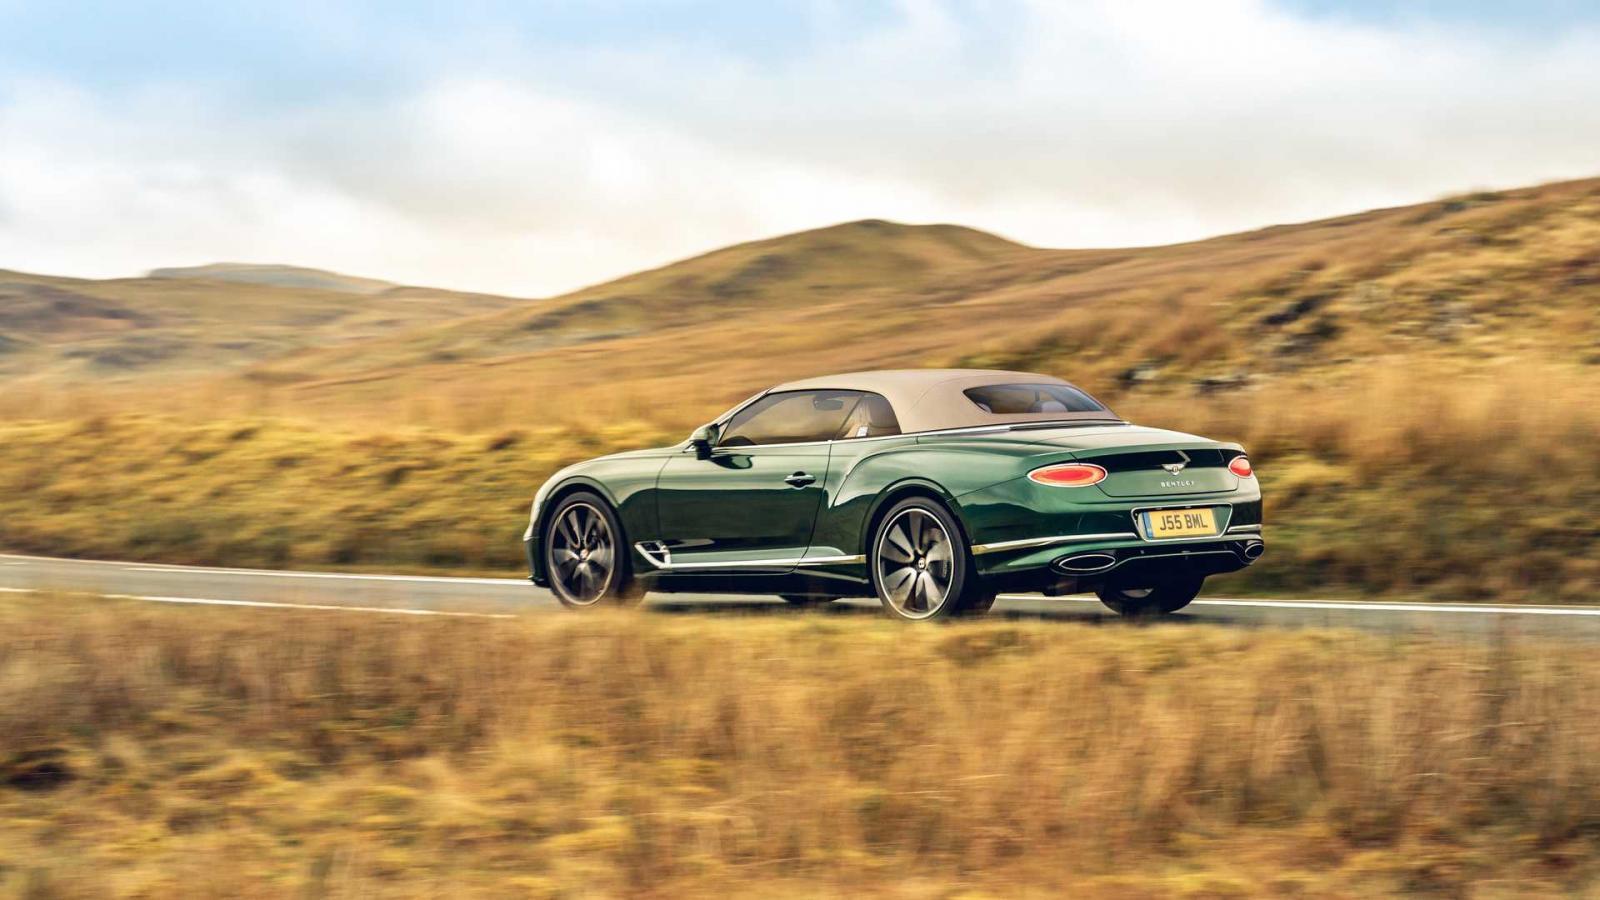 El Bentley Continental GT Convertible con techo de tweed resalta el carácter artesanal del vehículo británico